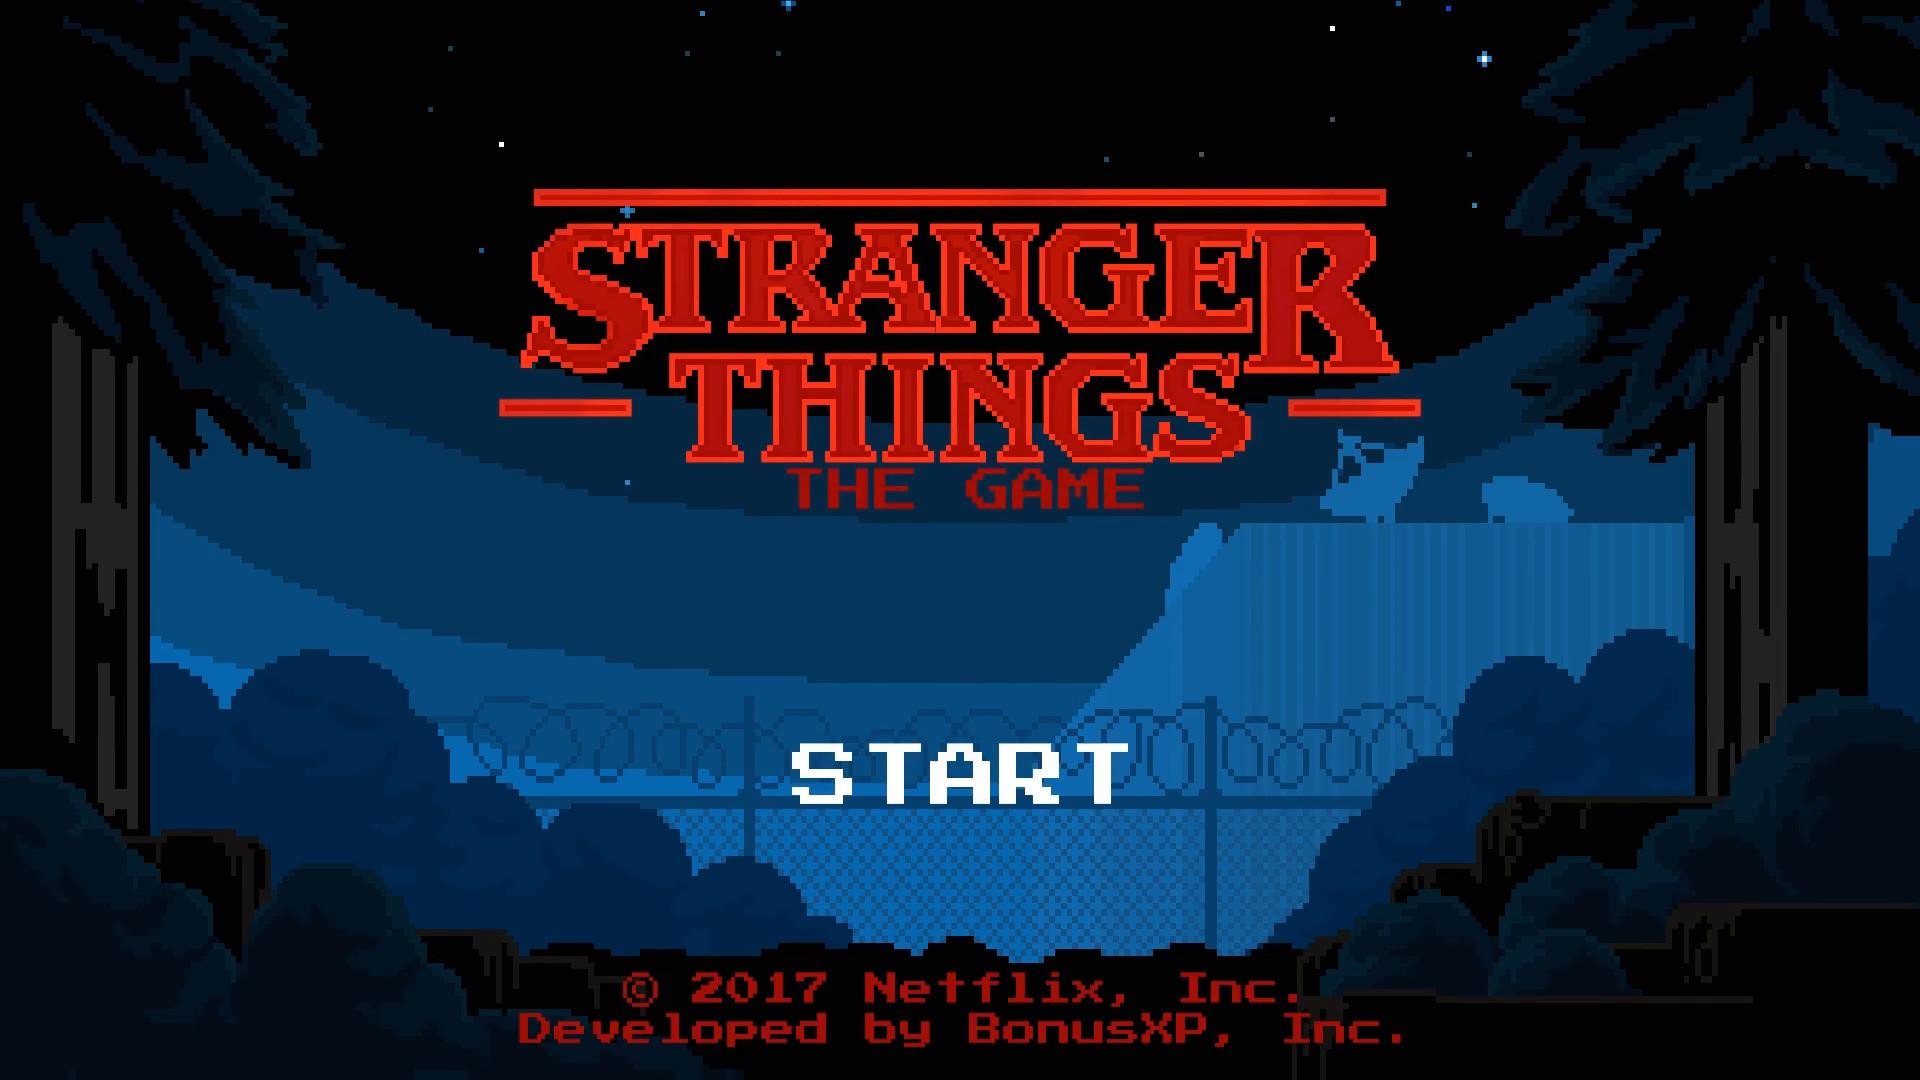 Stranger Things Das Spiel Trailer